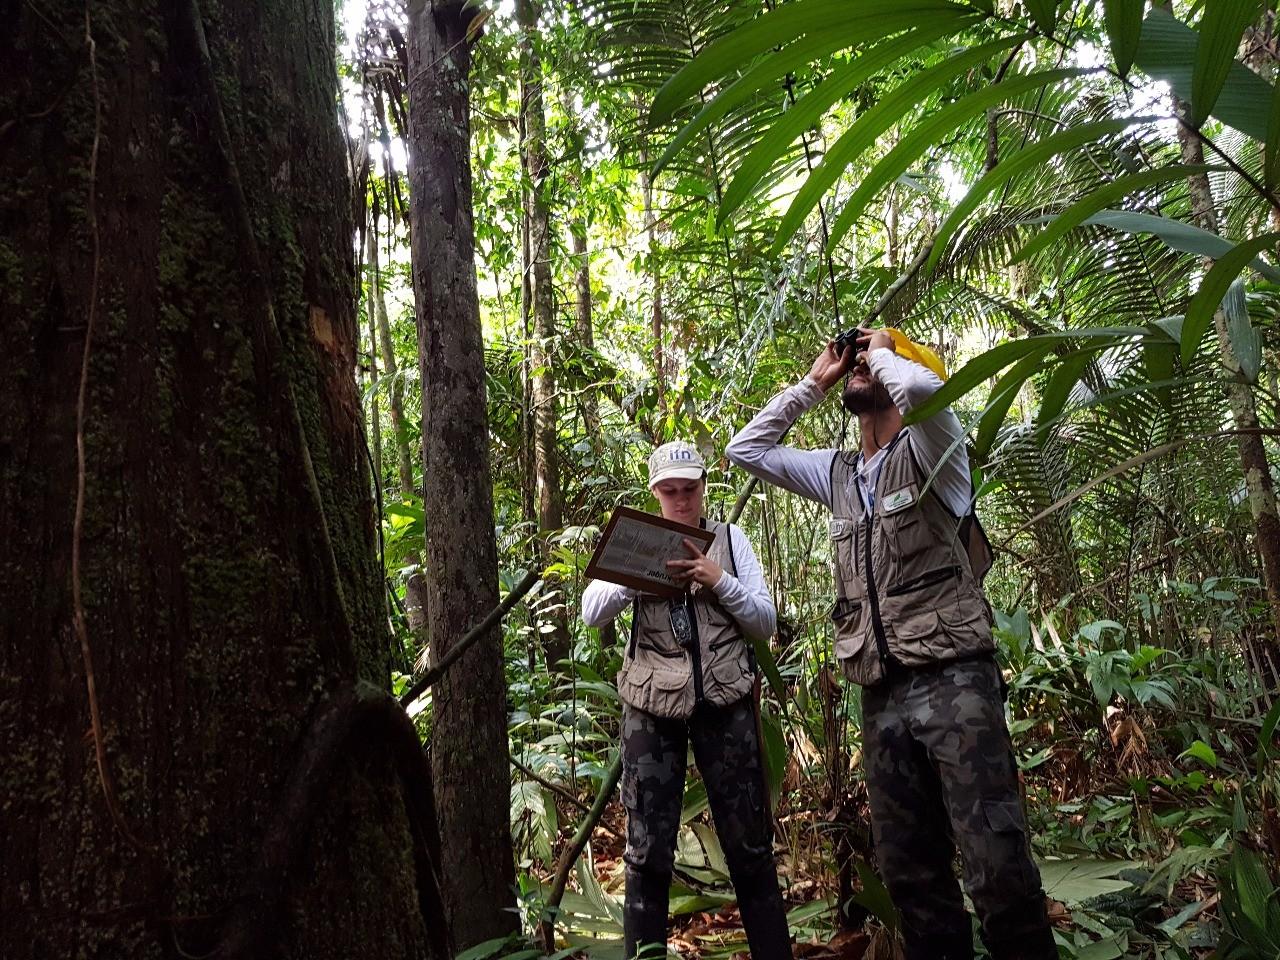 Pesquisadores coletam dados para inventário das florestas e esperam descobrir novas espécies de plantas em RR